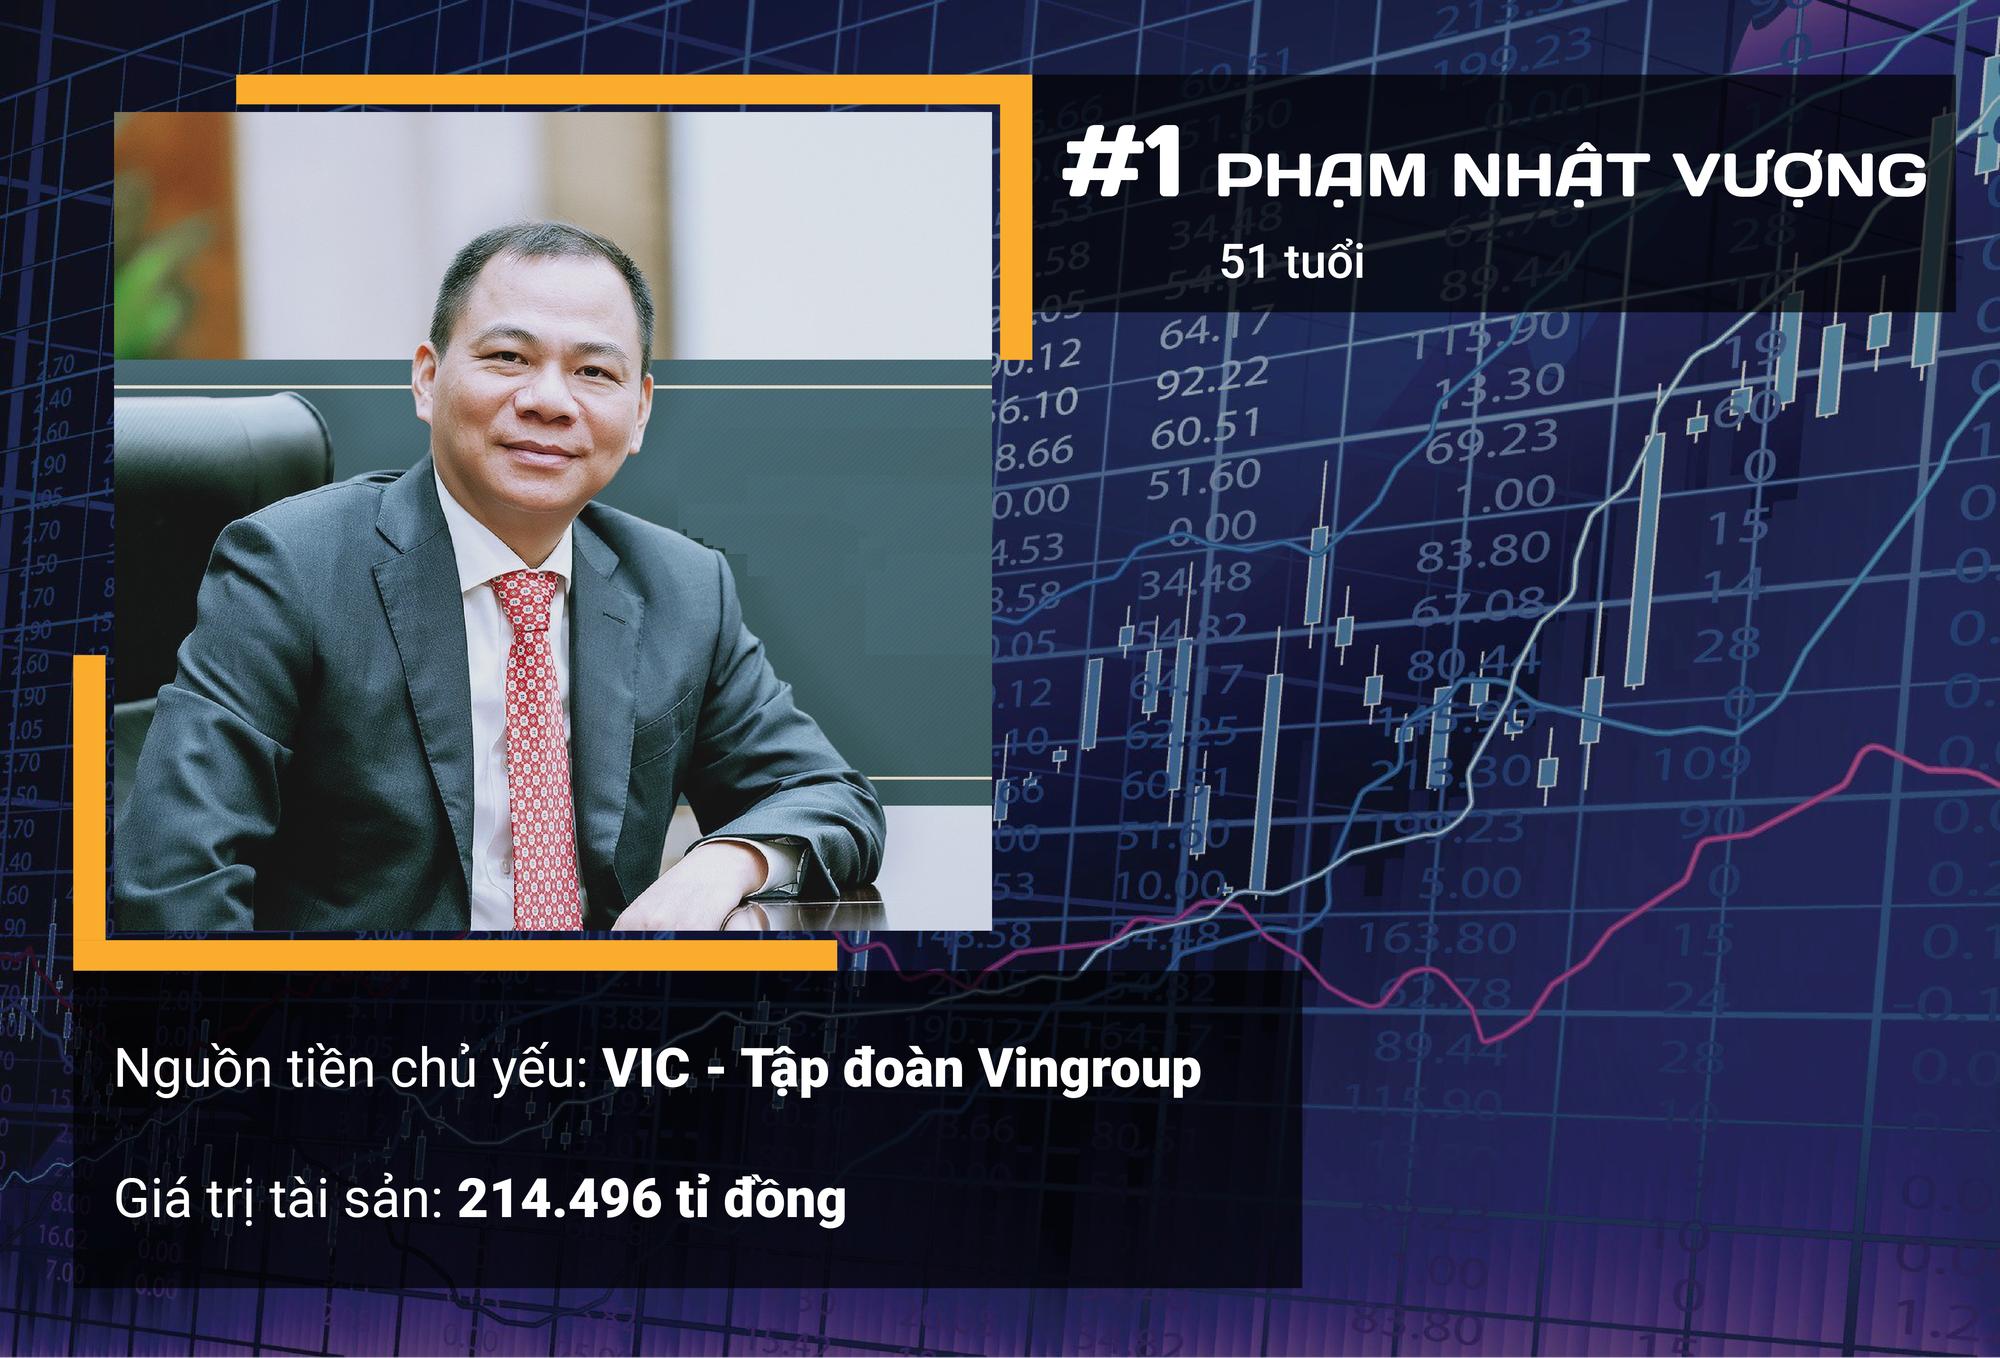 Ngoài ông Phạm Nhật Vượng, ai là 10 người giàu nhất sàn chứng khoán Việt năm 2019? - Ảnh 4.